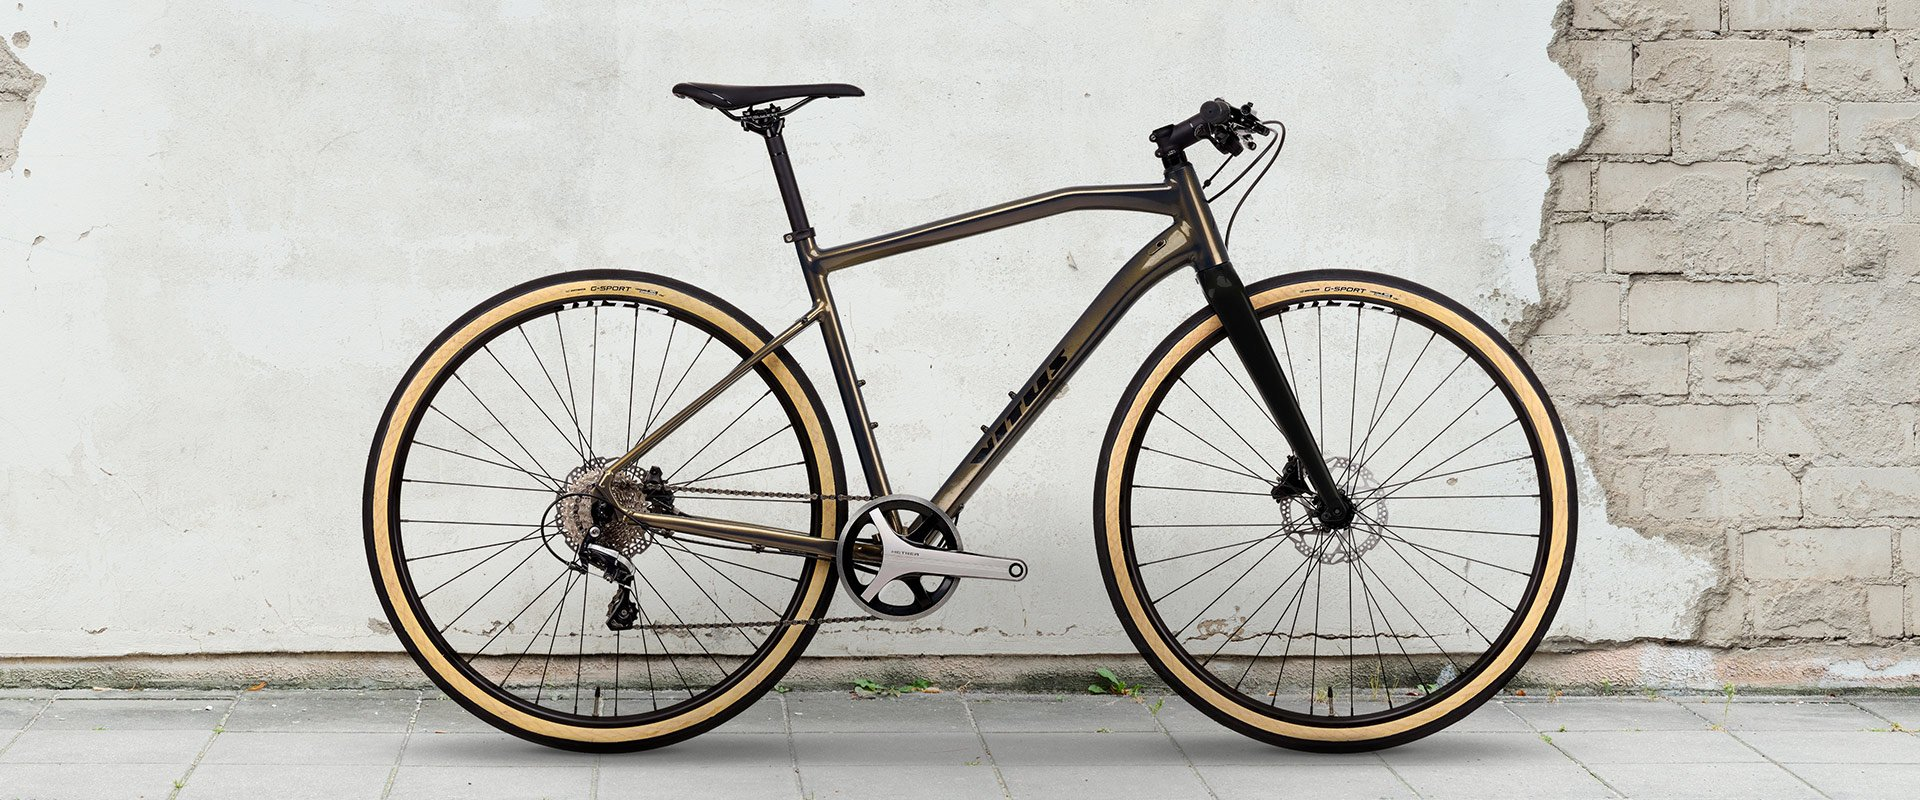 Mach 3 VRX Urban Bike Metrea